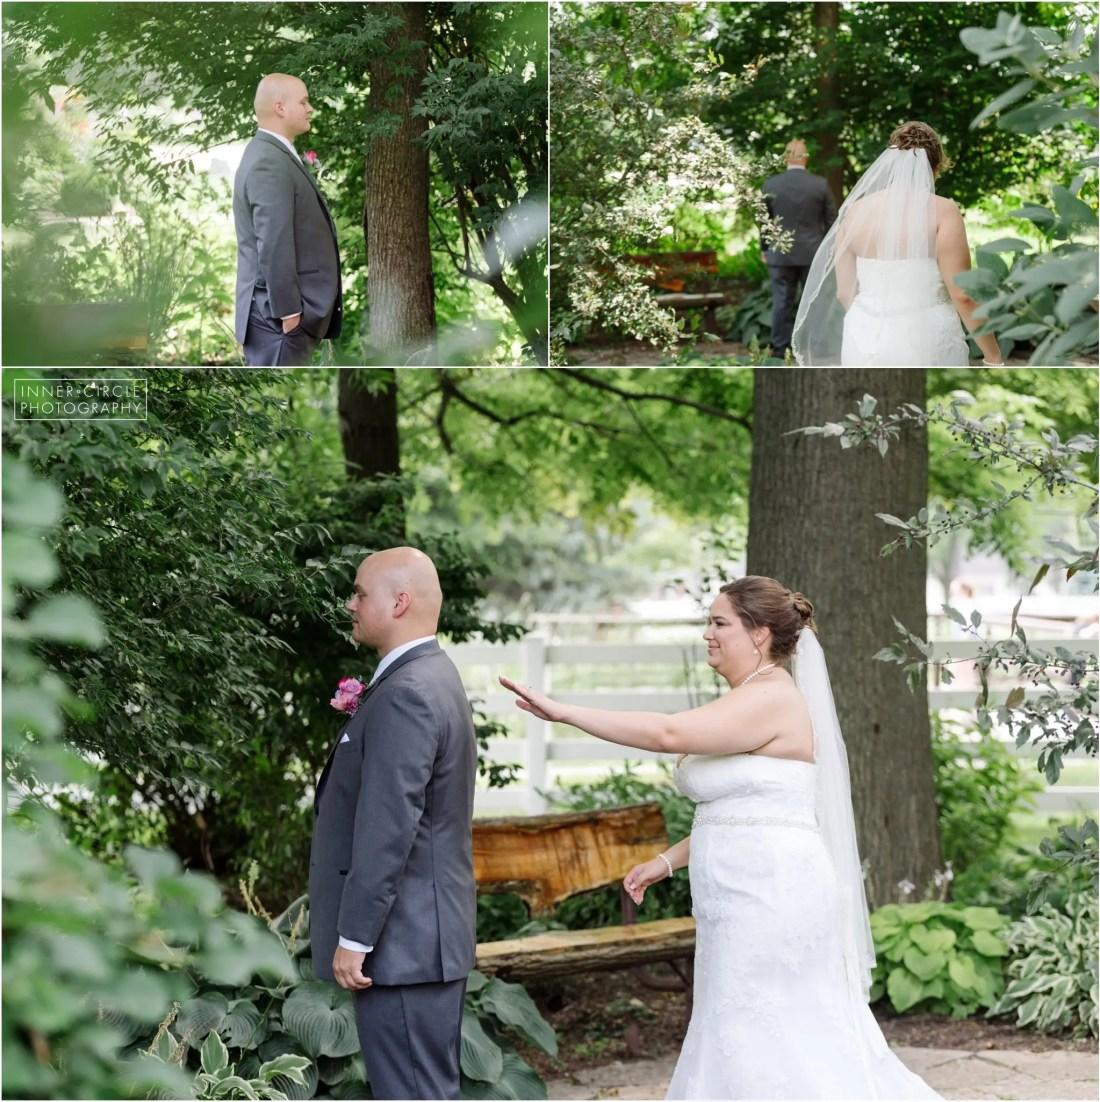 korbinashley_WED_InnerCirclePhoto_064 Engagement - Wedding  Michigan Photography